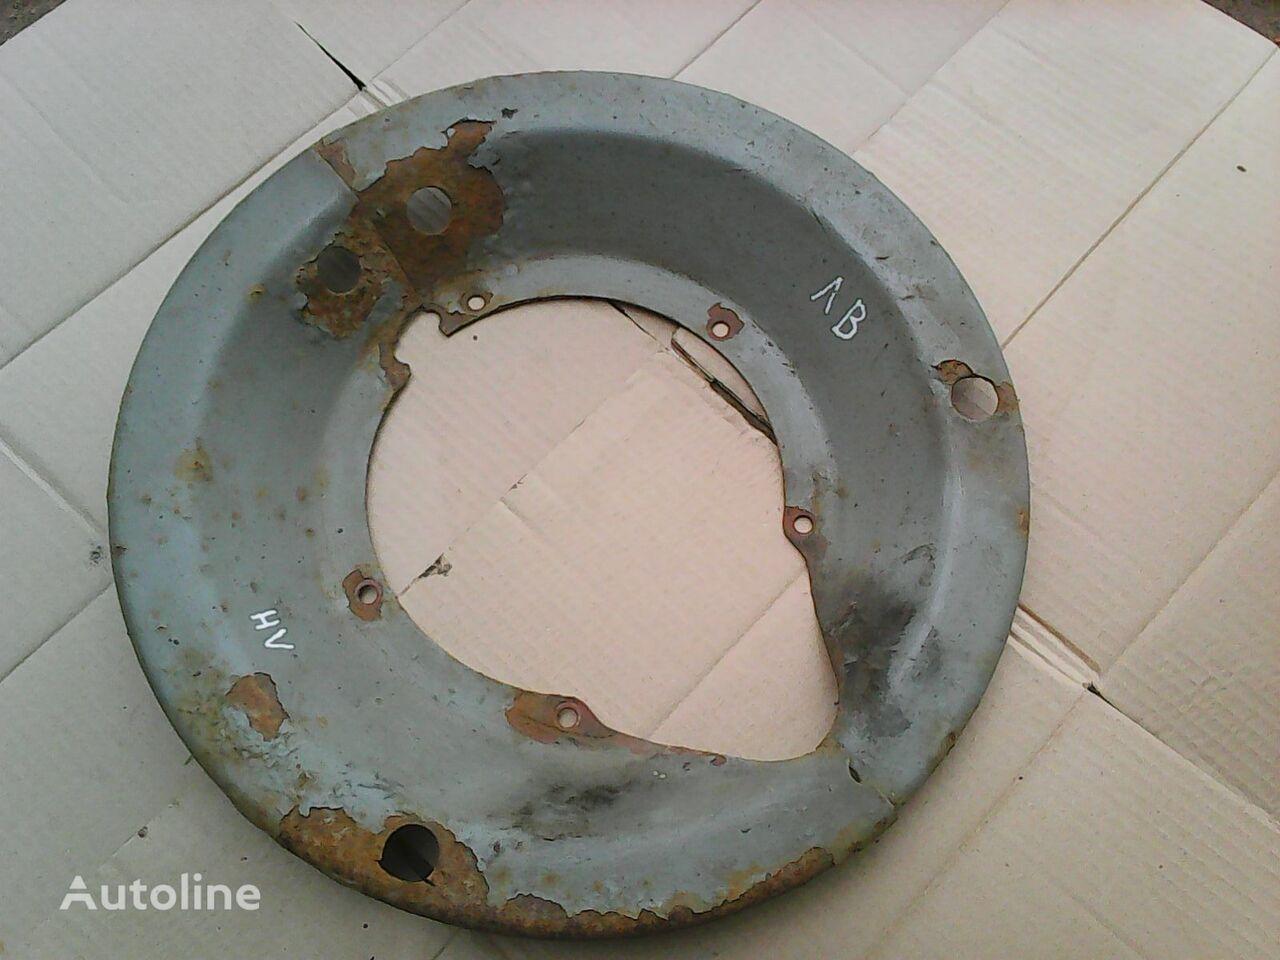 крепежные элементы Пыльник барабана тормозного. RLBM/RSM 8442 87-, RBM 8442 94- (пр для полуприцепа